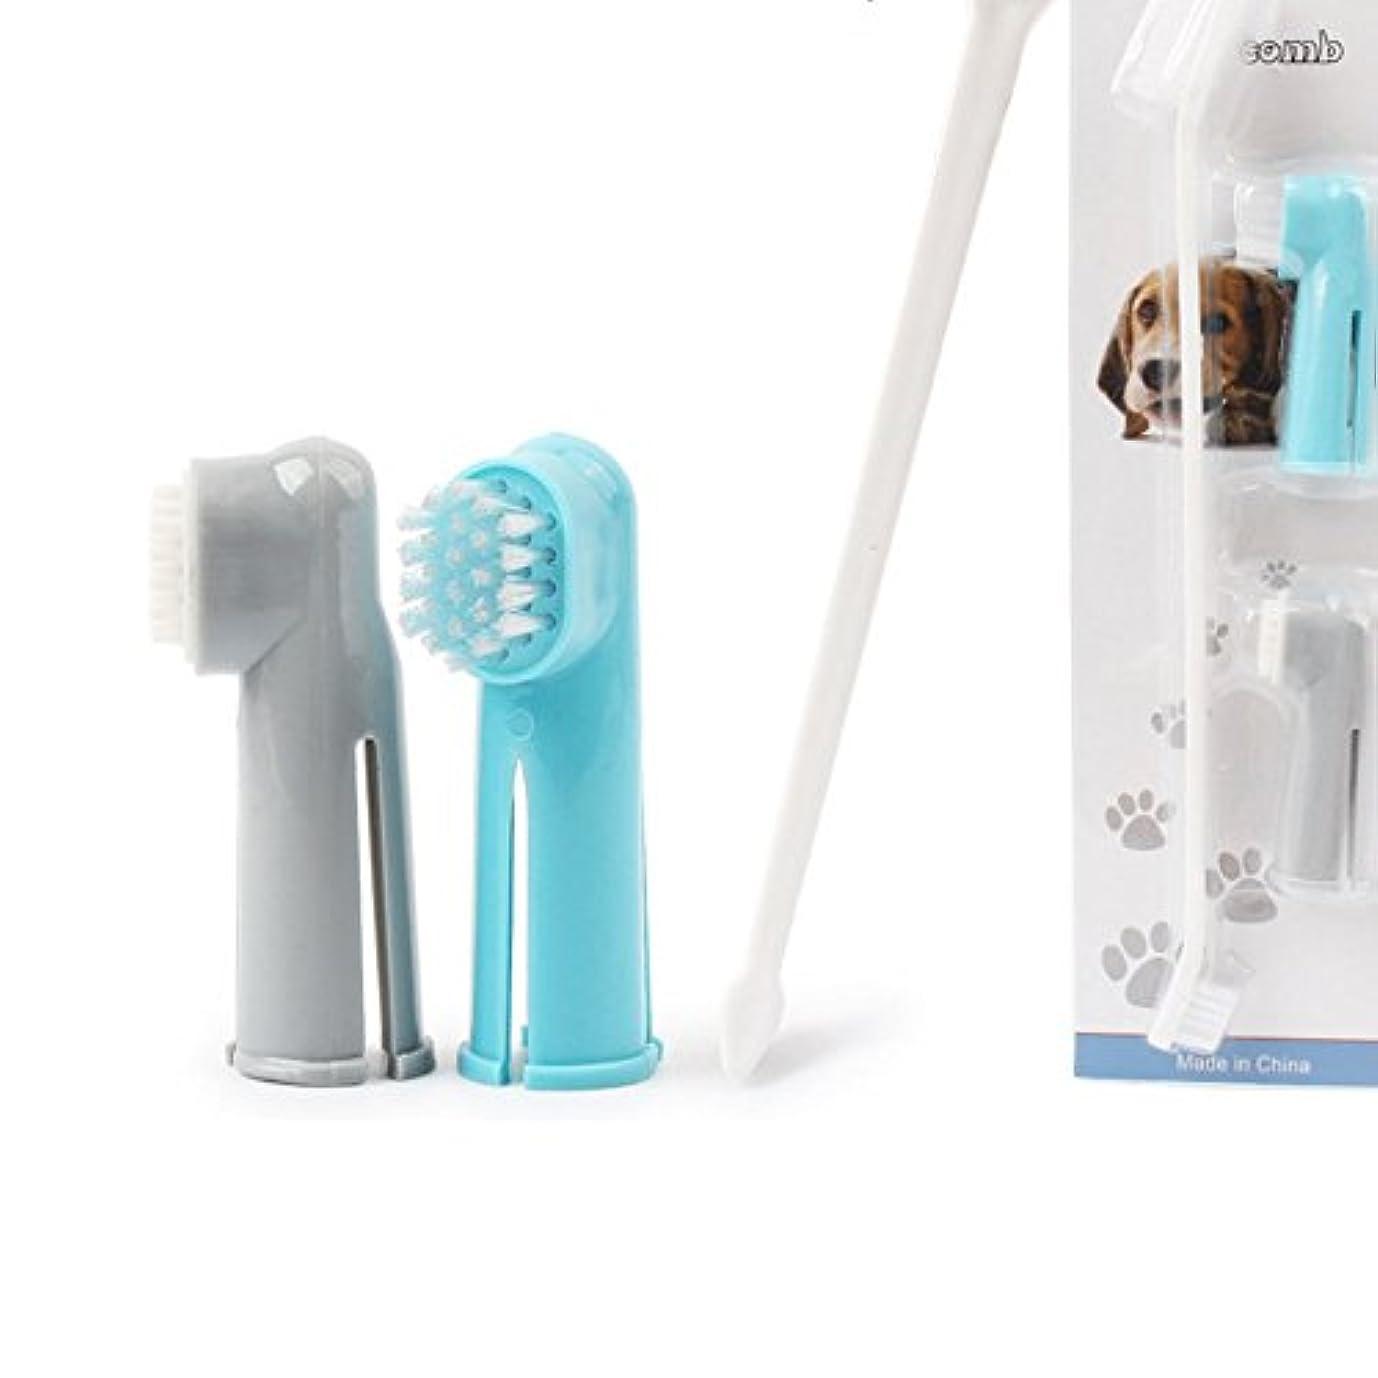 メタルラインゼロ宿題Bartram 指歯 ブラシ 犬猫用歯ブラシ 歯磨き フィンガータイプ ソフト フィンガータイプ デンタルケア 3ピースセット